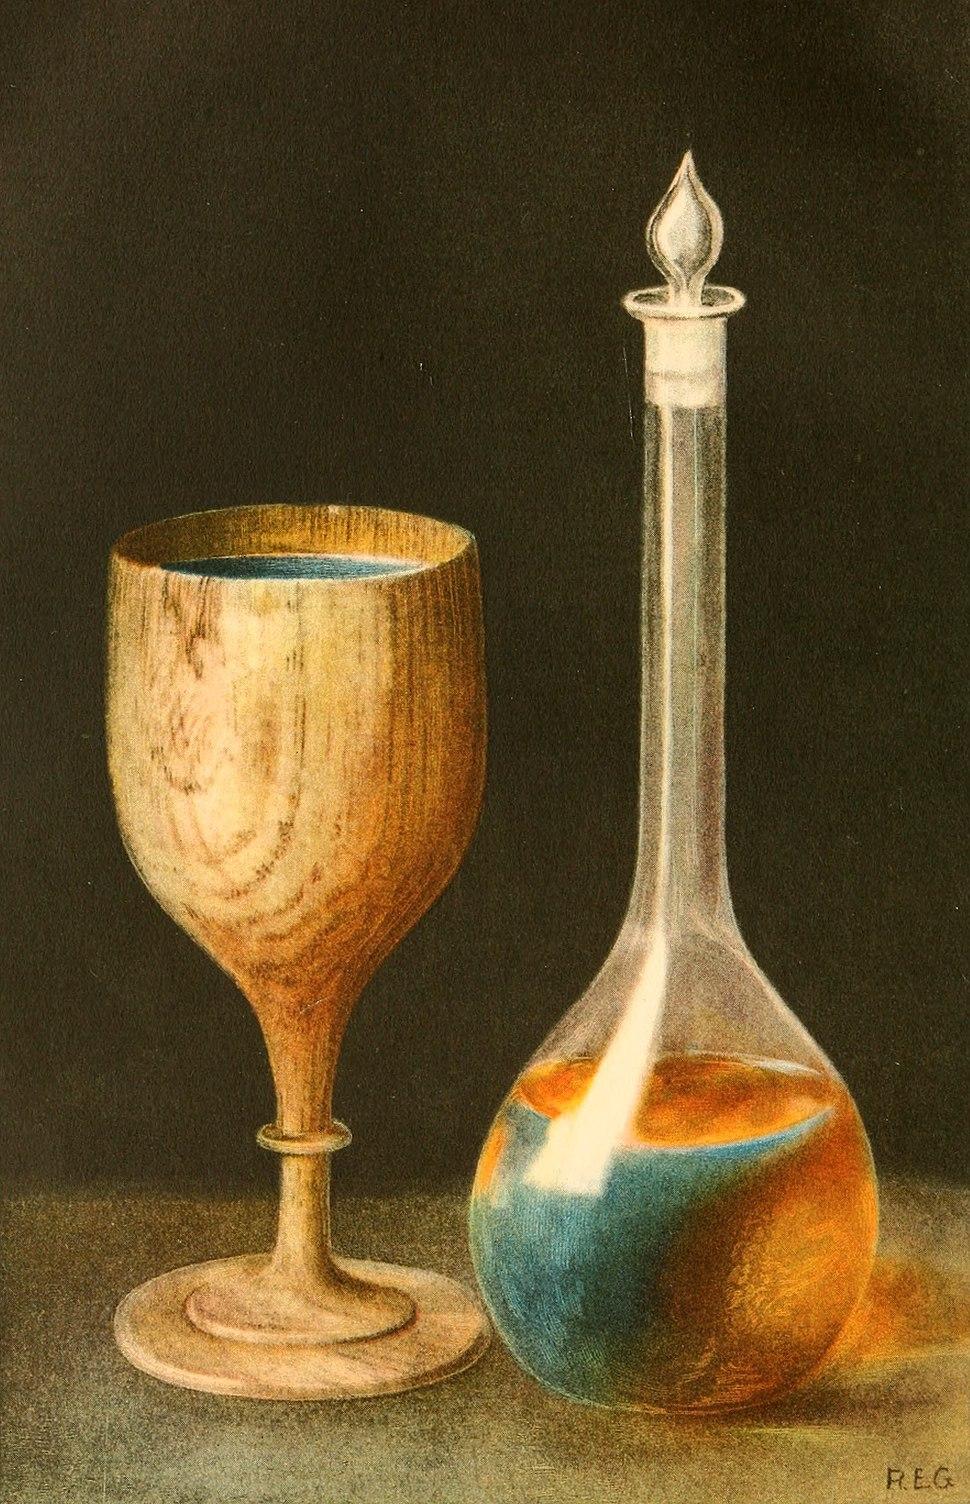 Lignum nephriticum - cup of Philippine lignum nephriticum, Pterocarpus indicus, and flask containing its fluorescent solution Hi